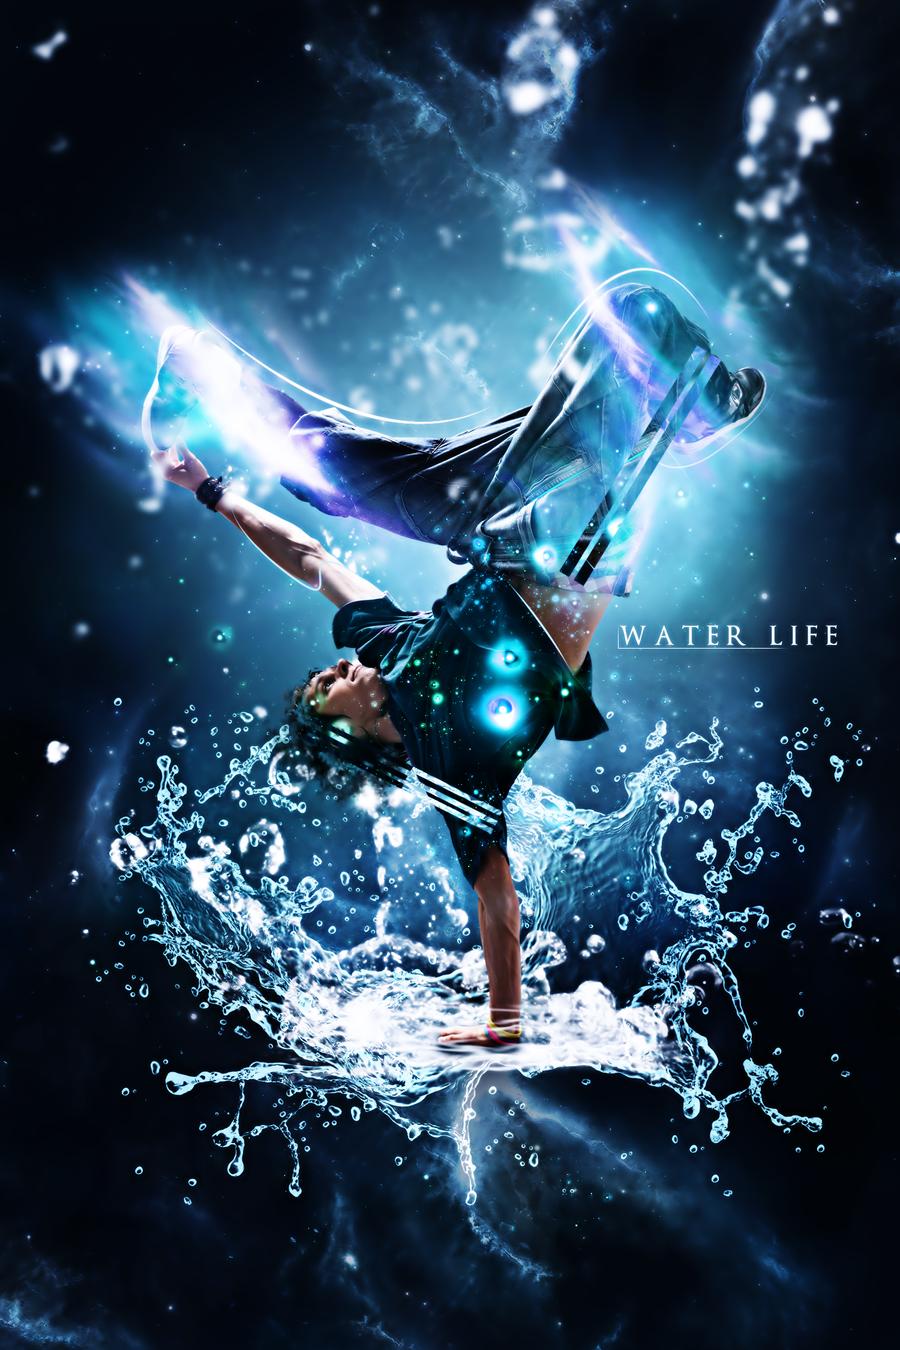 Water by LilSaintJA